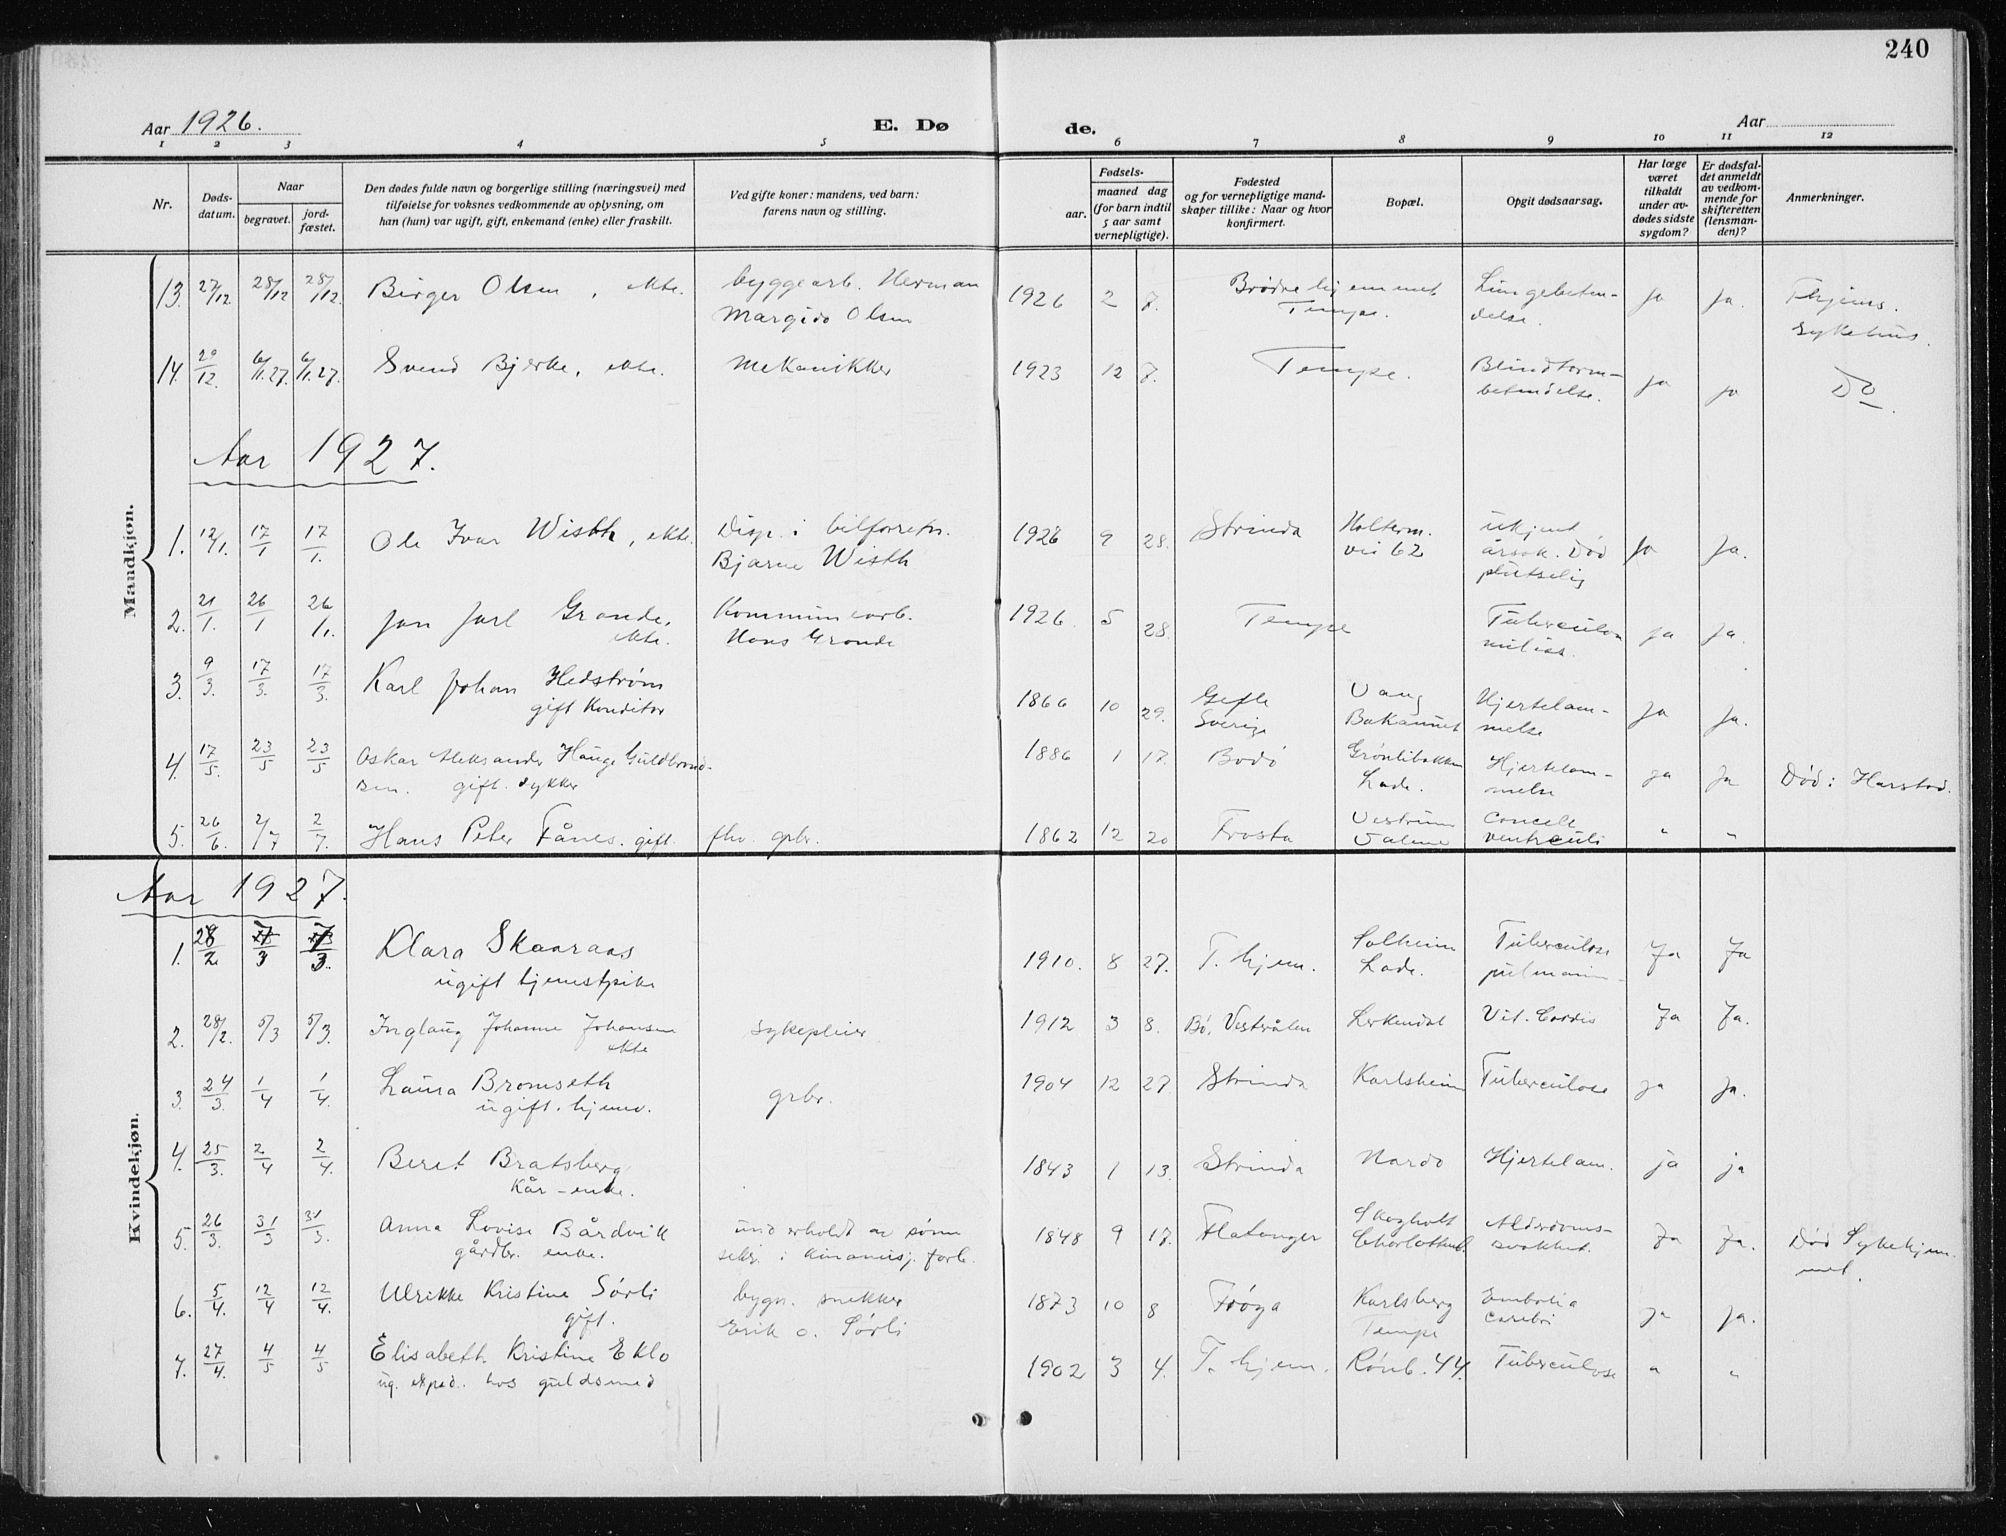 SAT, Ministerialprotokoller, klokkerbøker og fødselsregistre - Sør-Trøndelag, 606/L0314: Klokkerbok nr. 606C10, 1911-1937, s. 240